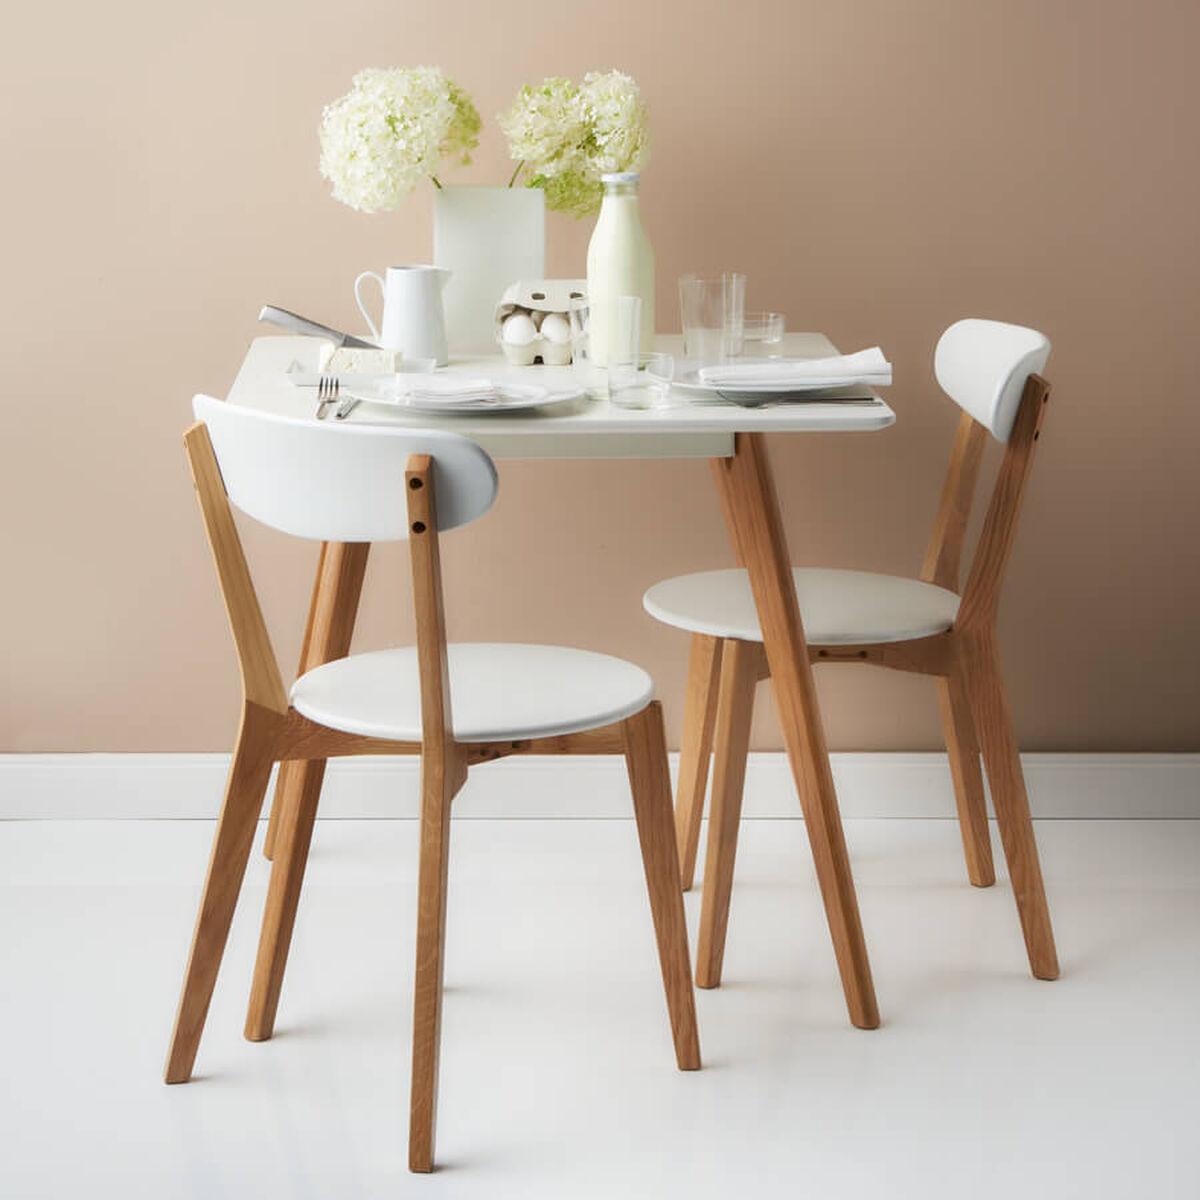 k chentische k chentisch online kaufen butlers. Black Bedroom Furniture Sets. Home Design Ideas